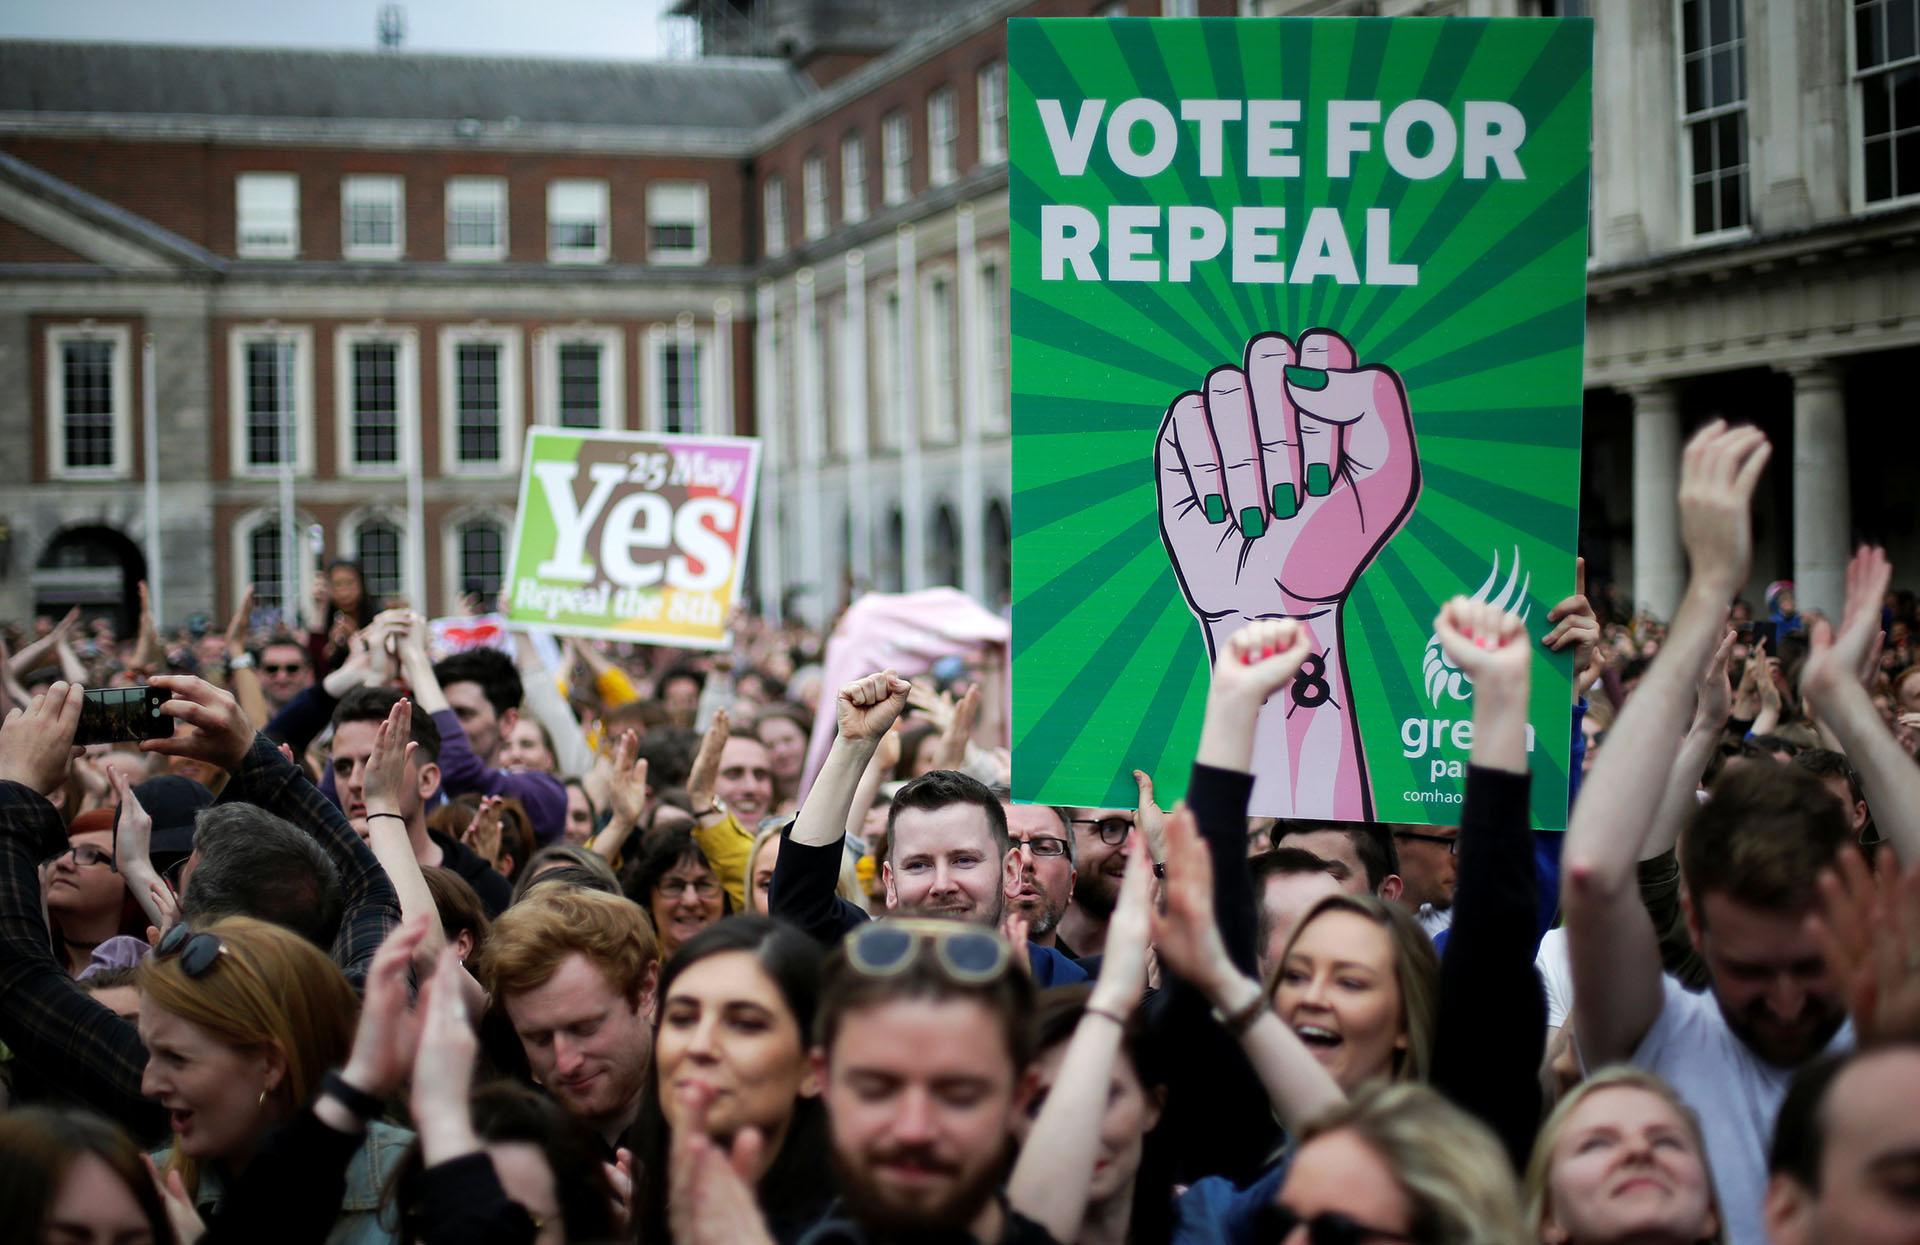 """""""Vote for repeal"""", la consigna de la campaña por el Sí, para derogar la enmienda que equiparaba las vidas del feto y de la mujer (REUTERS/Max Rossi)"""